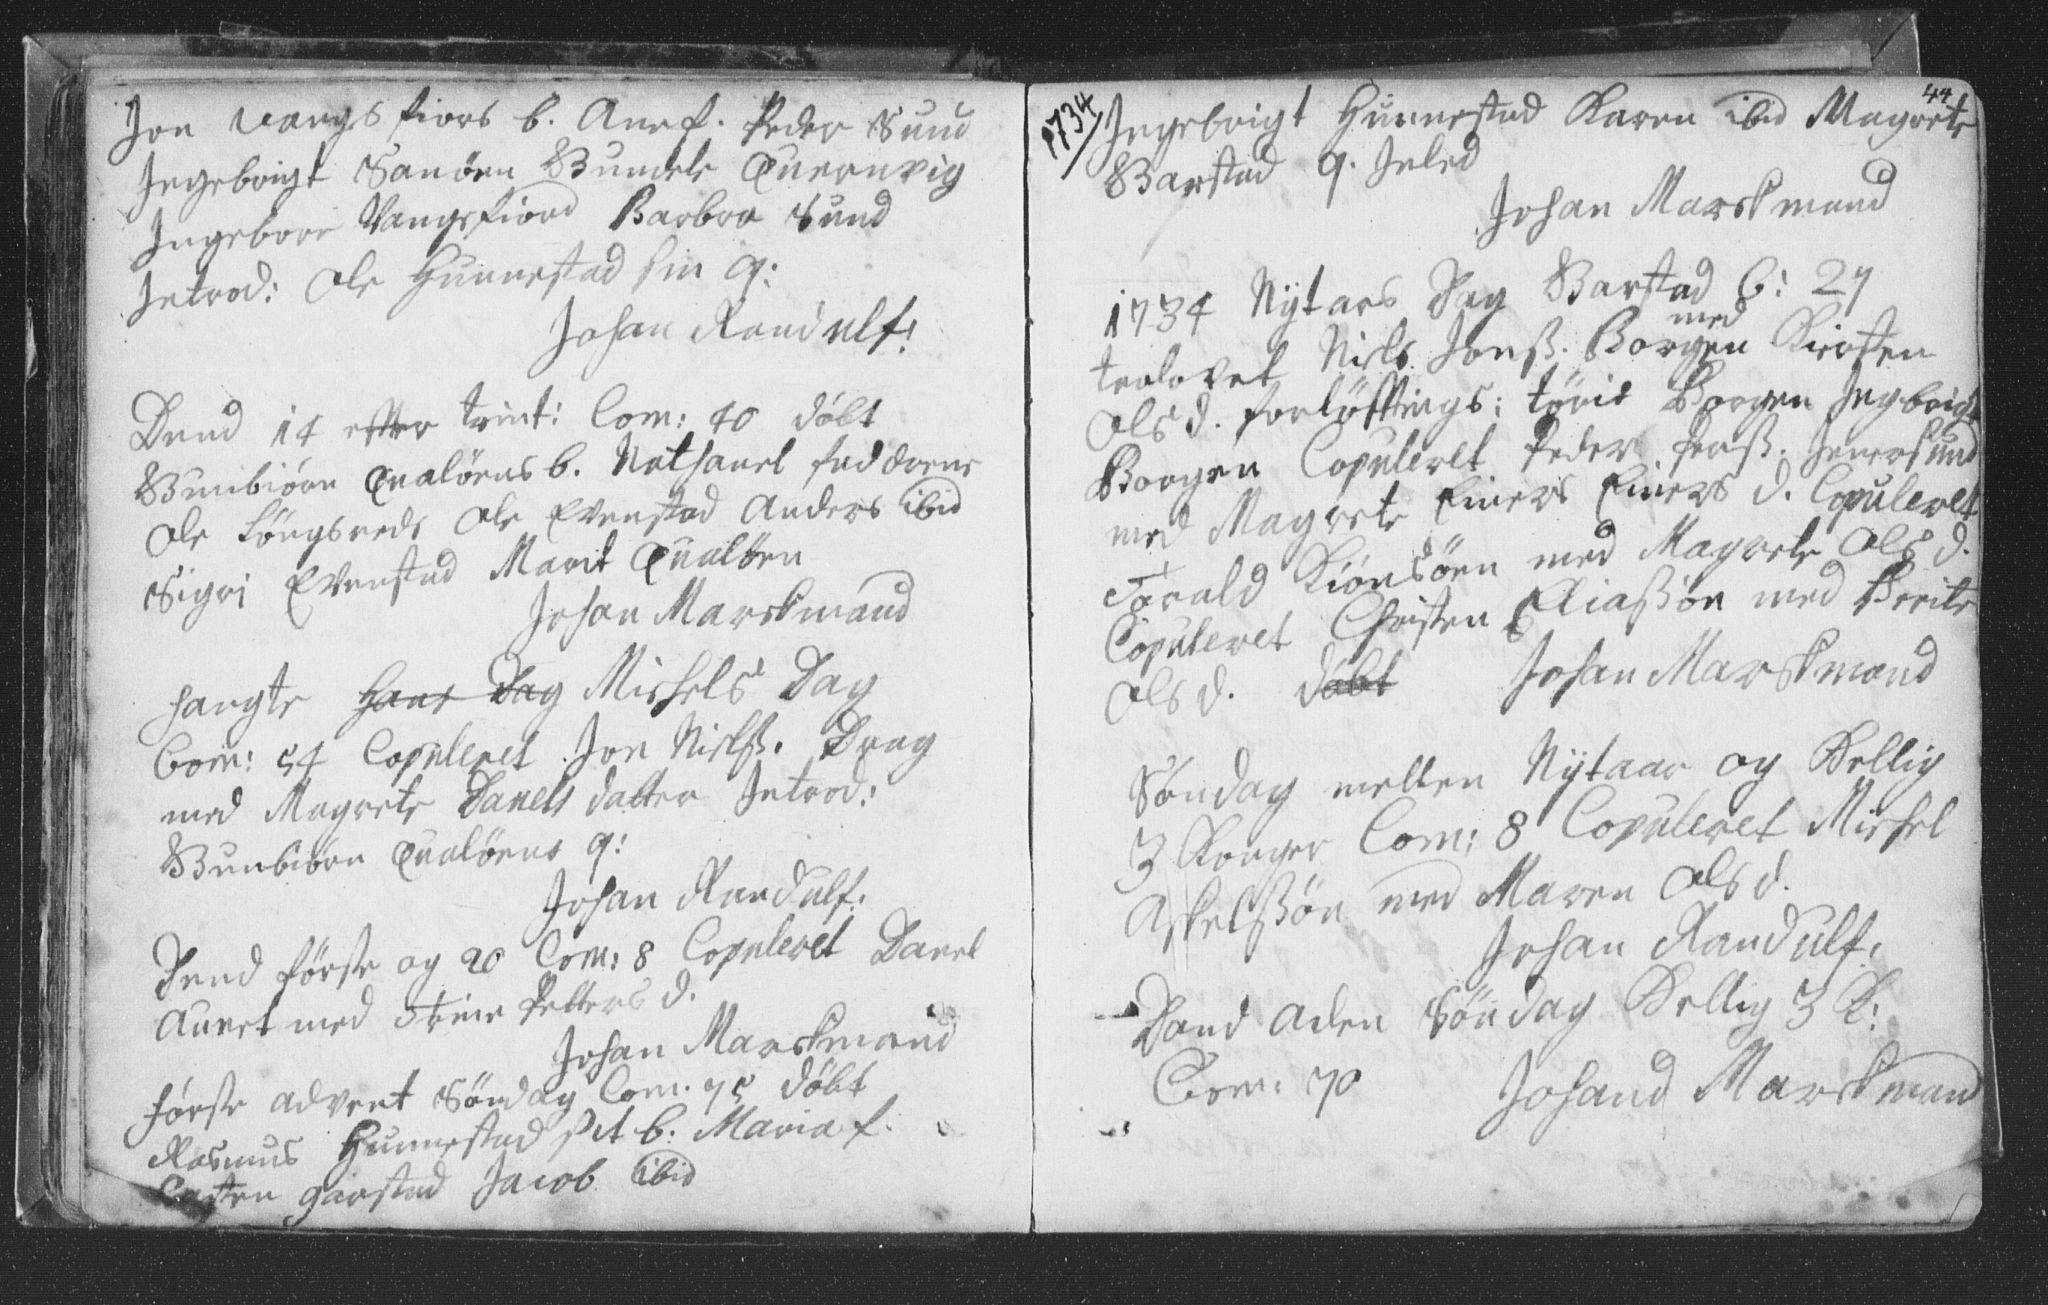 SAT, Ministerialprotokoller, klokkerbøker og fødselsregistre - Nord-Trøndelag, 786/L0685: Ministerialbok nr. 786A01, 1710-1798, s. 44